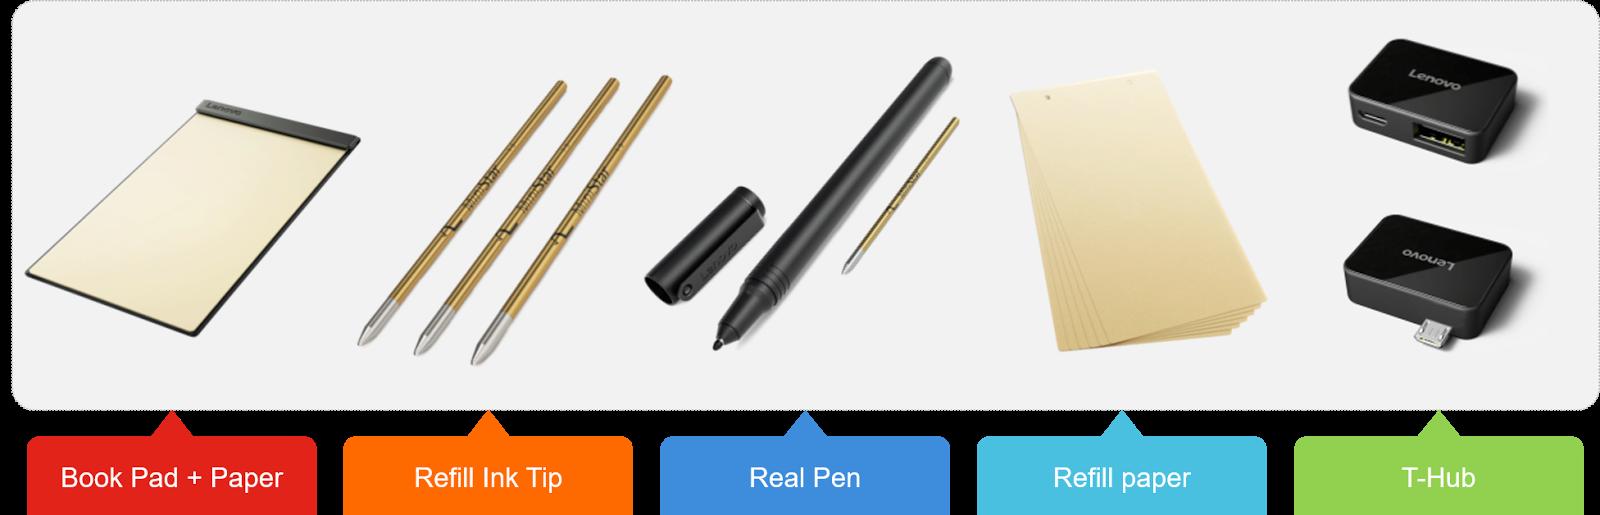 Обзор Lenovo YOGA BOOK — новый класс портативных устройств? - 26